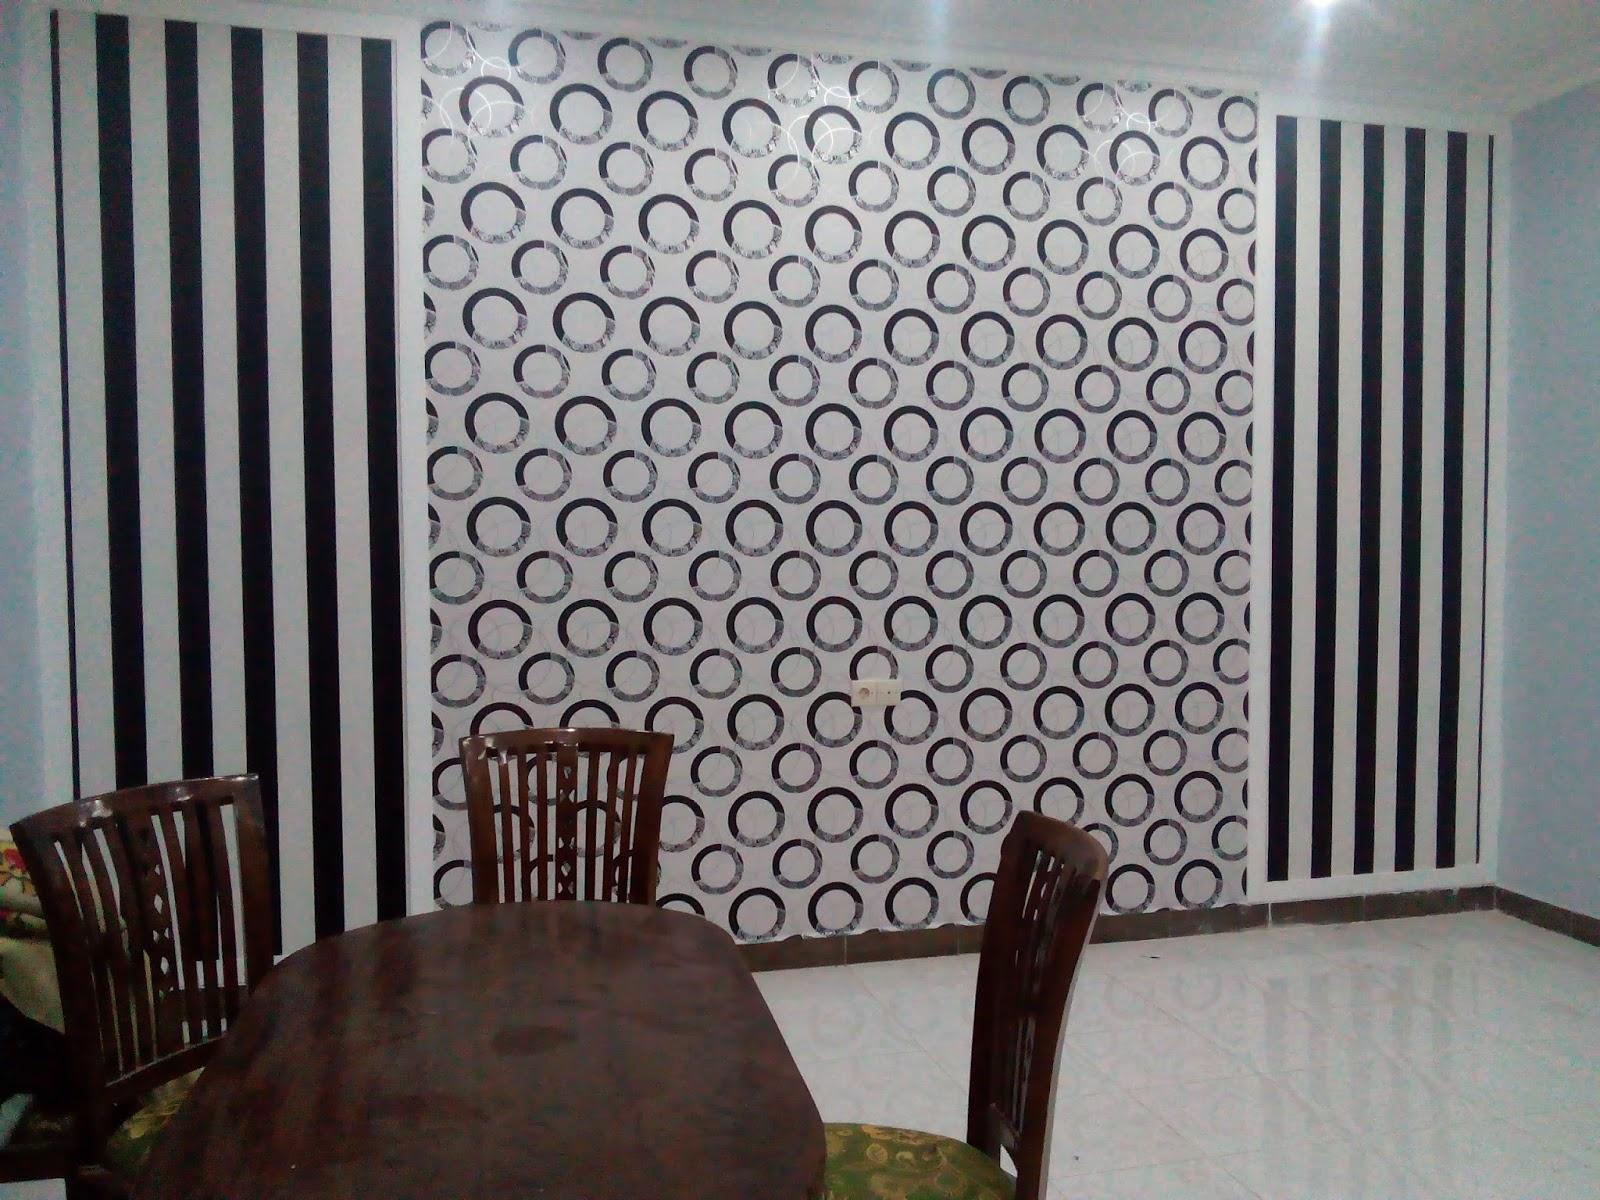 287+ Contoh Desain Wallpaper Untuk Dinding Paling Keren